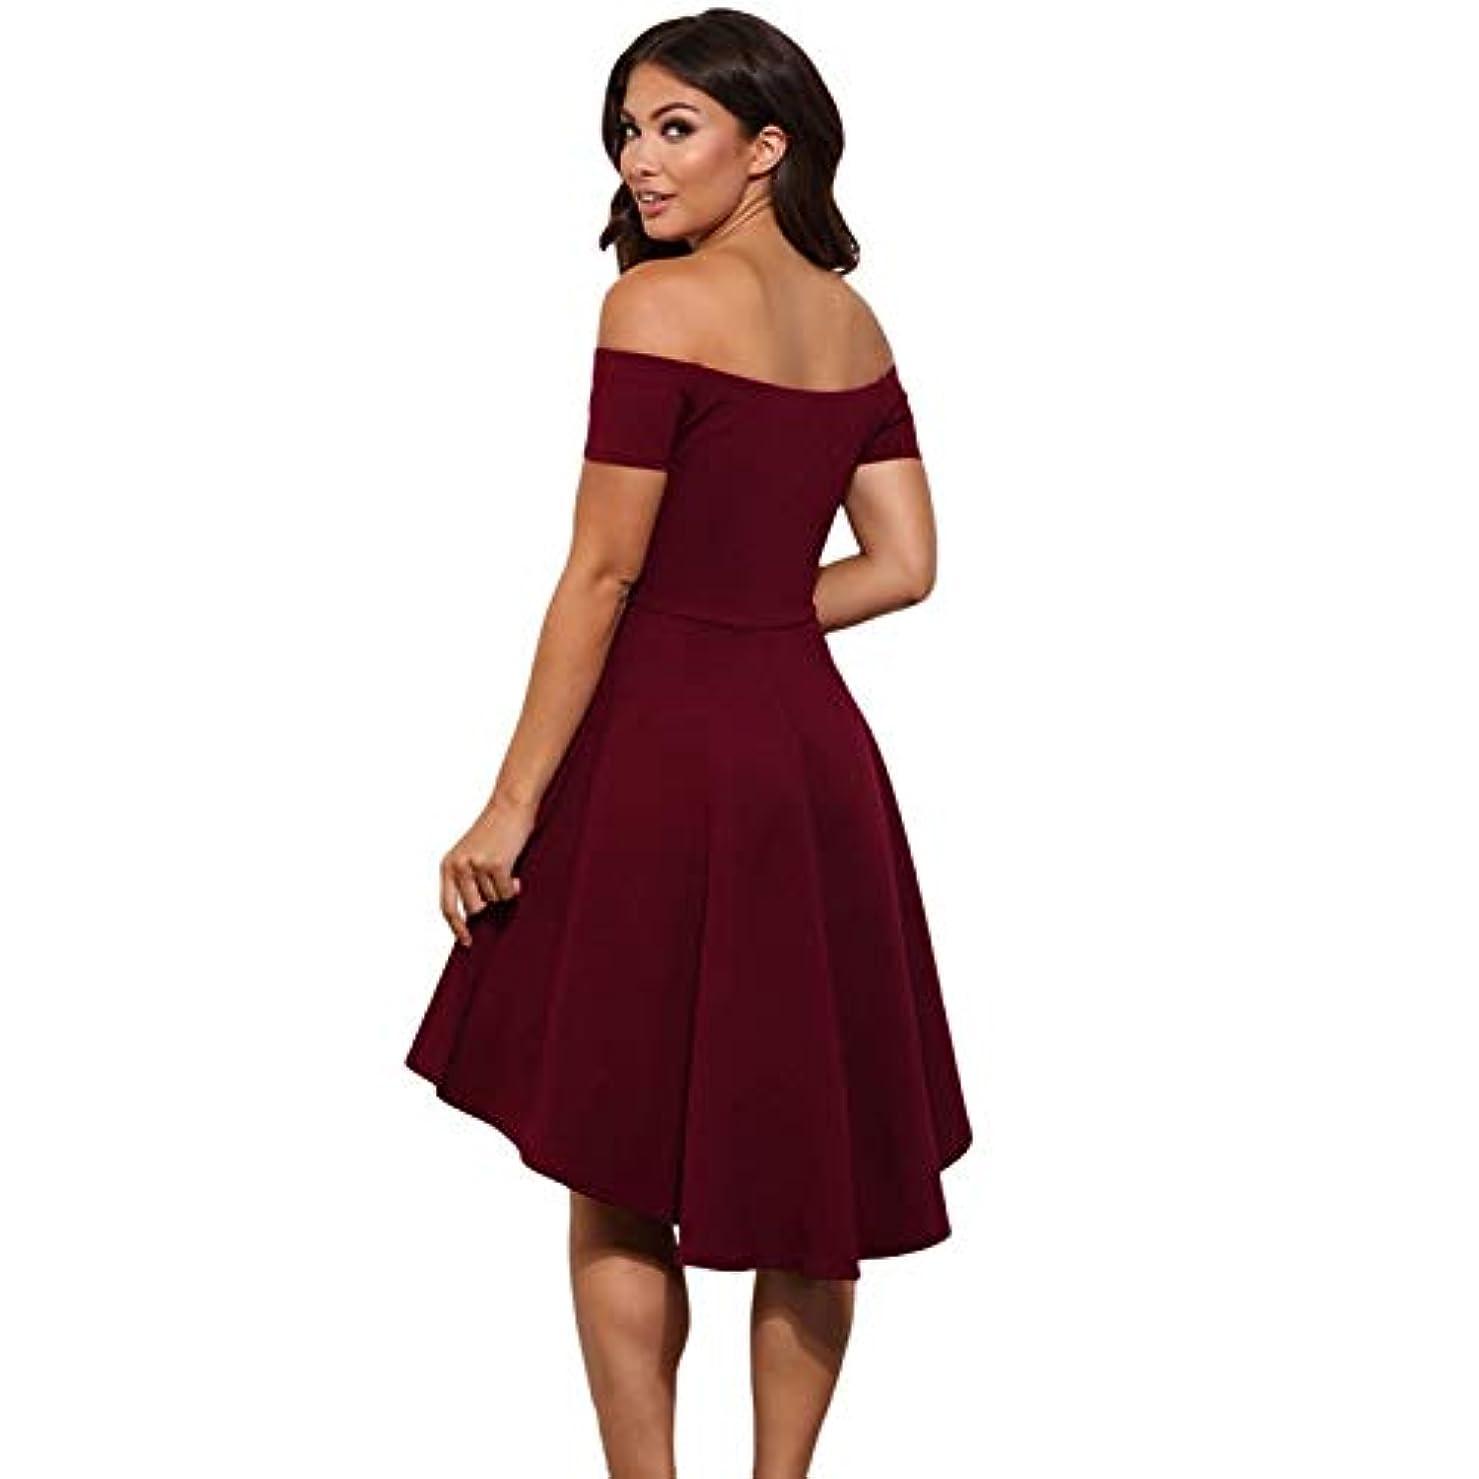 テンションブロックする吸収Maxcrestas - ヴィンテージ女性のセクシーなスラッシュネックソリッドカラーパーティー秋の新しいファッションAライン黒赤ワイン膝丈のドレスドレス